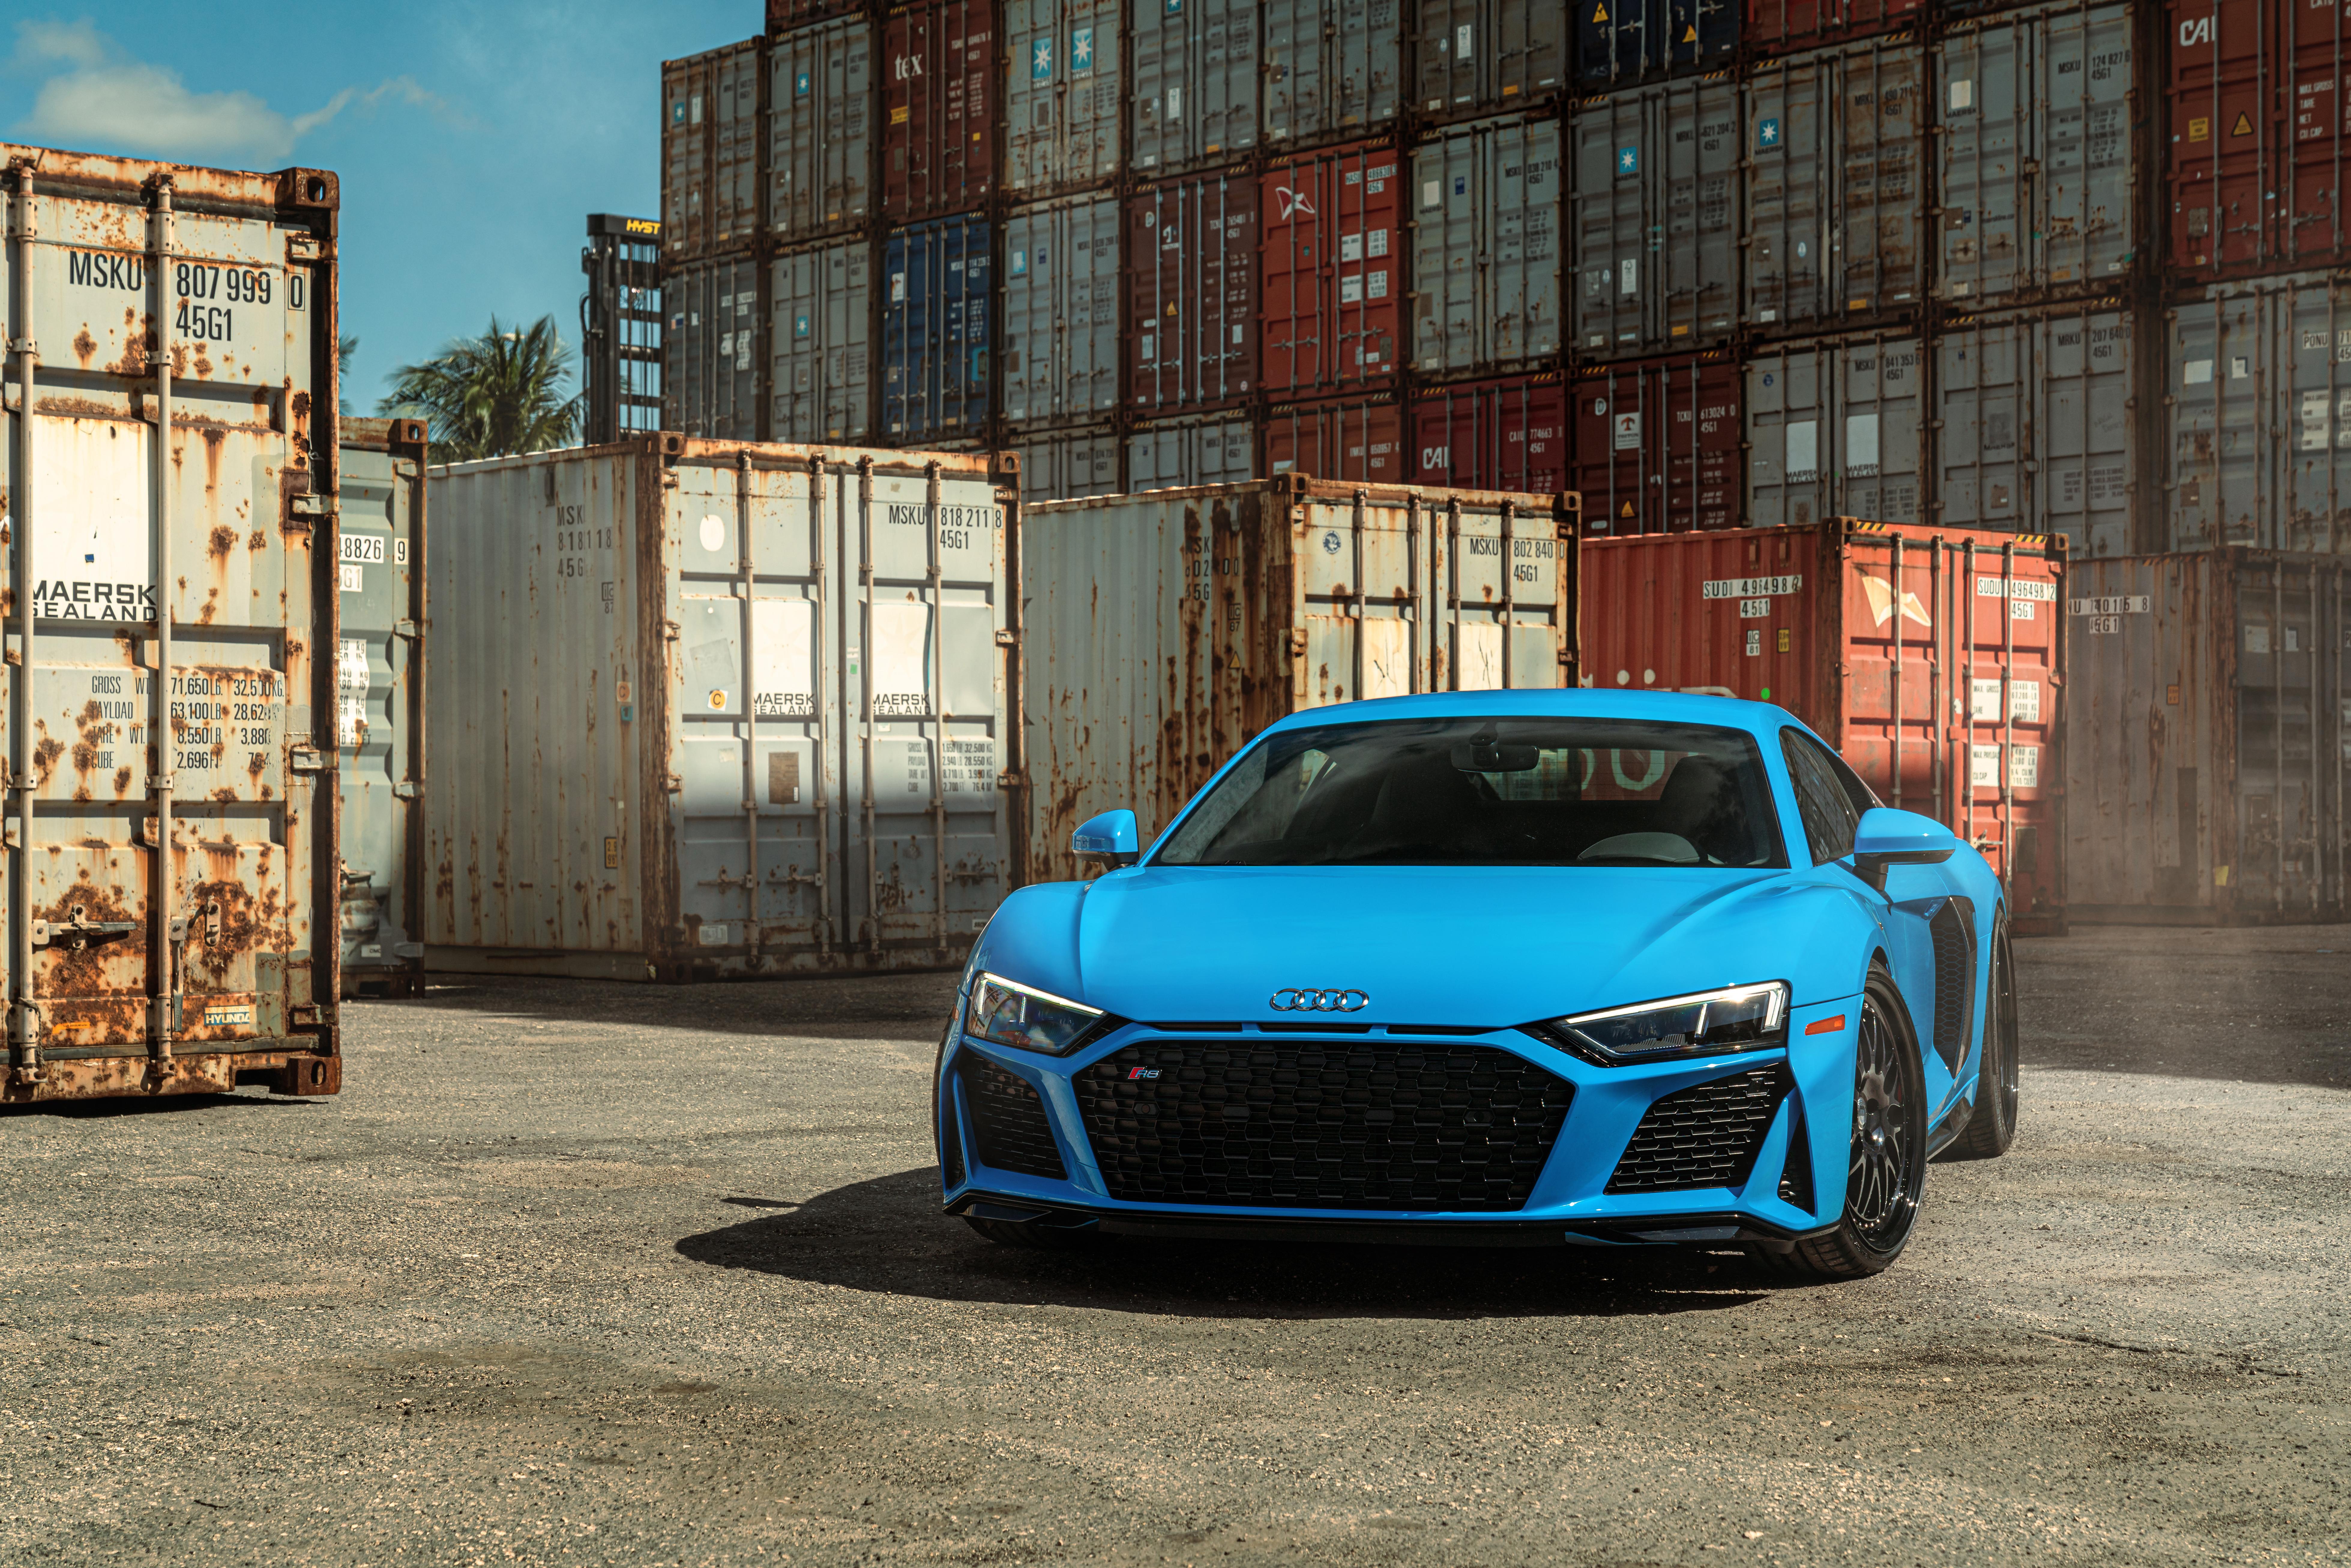 blue audir8 jenn 4k 1620167739 - Blue AudiR8 Jenn 4k - Blue AudiR8 Jenn 4k wallpapers